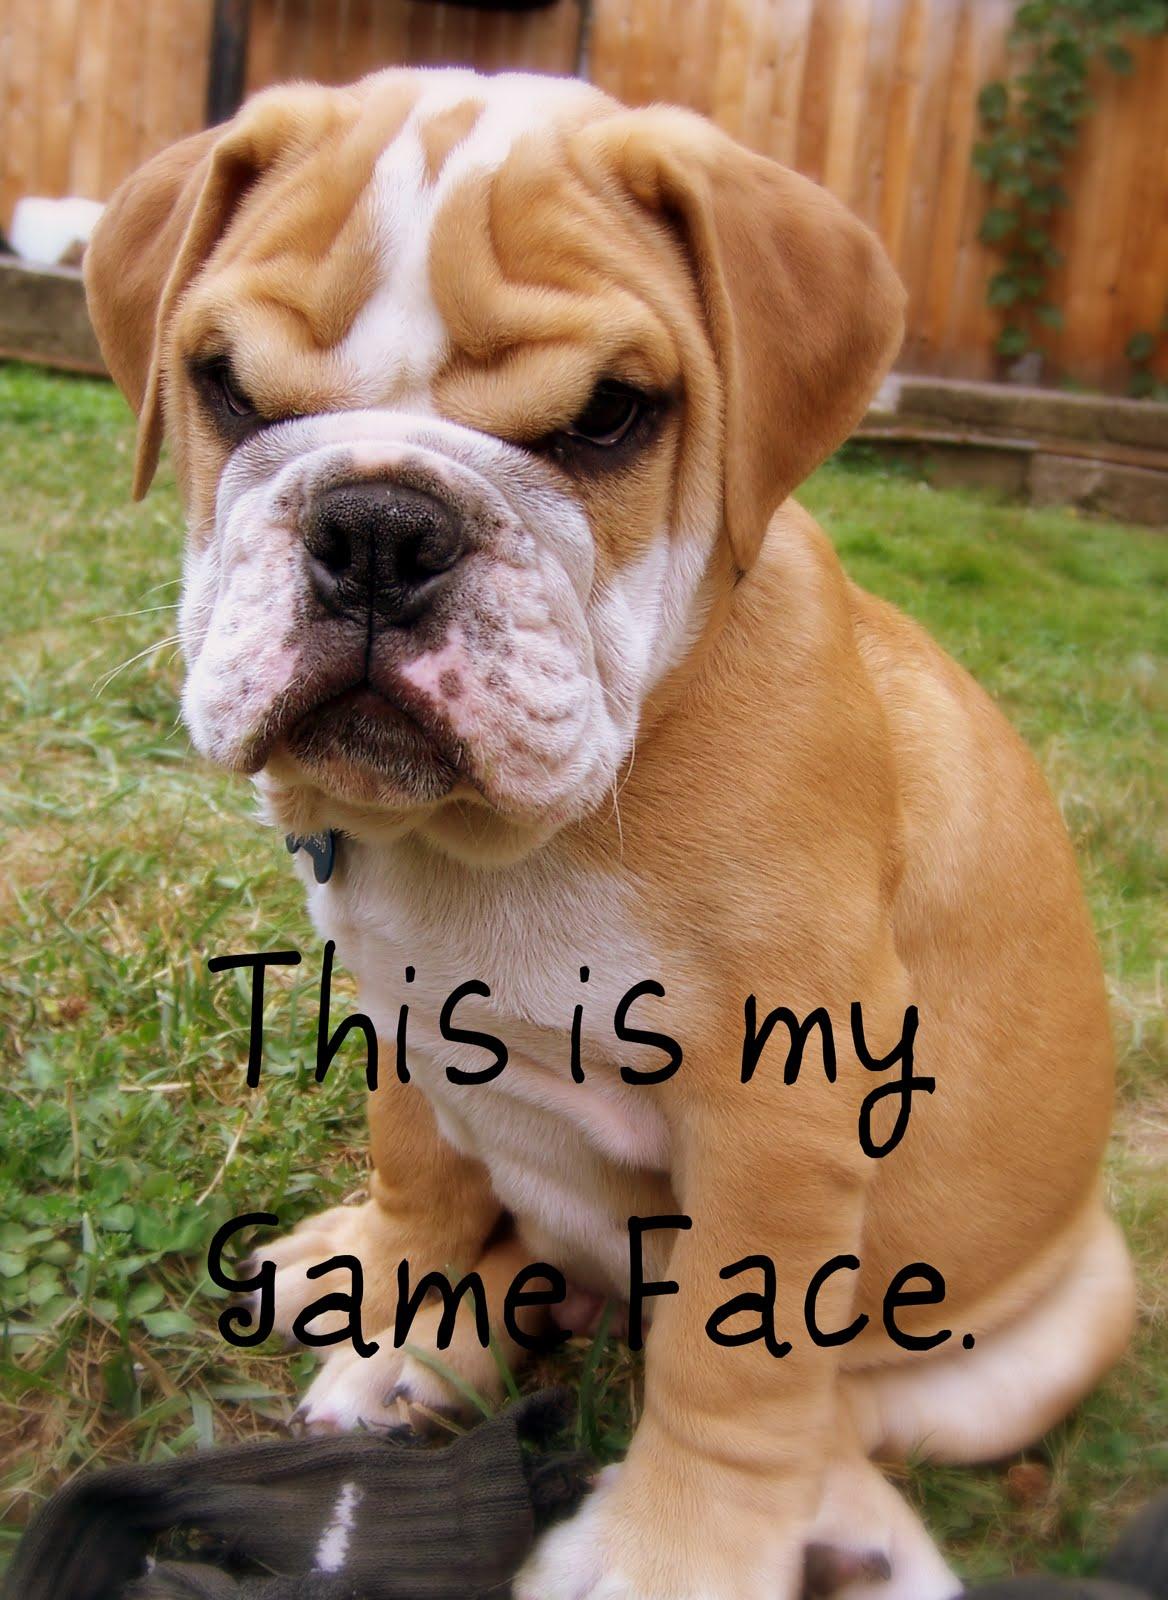 Game%2Bface.jpg